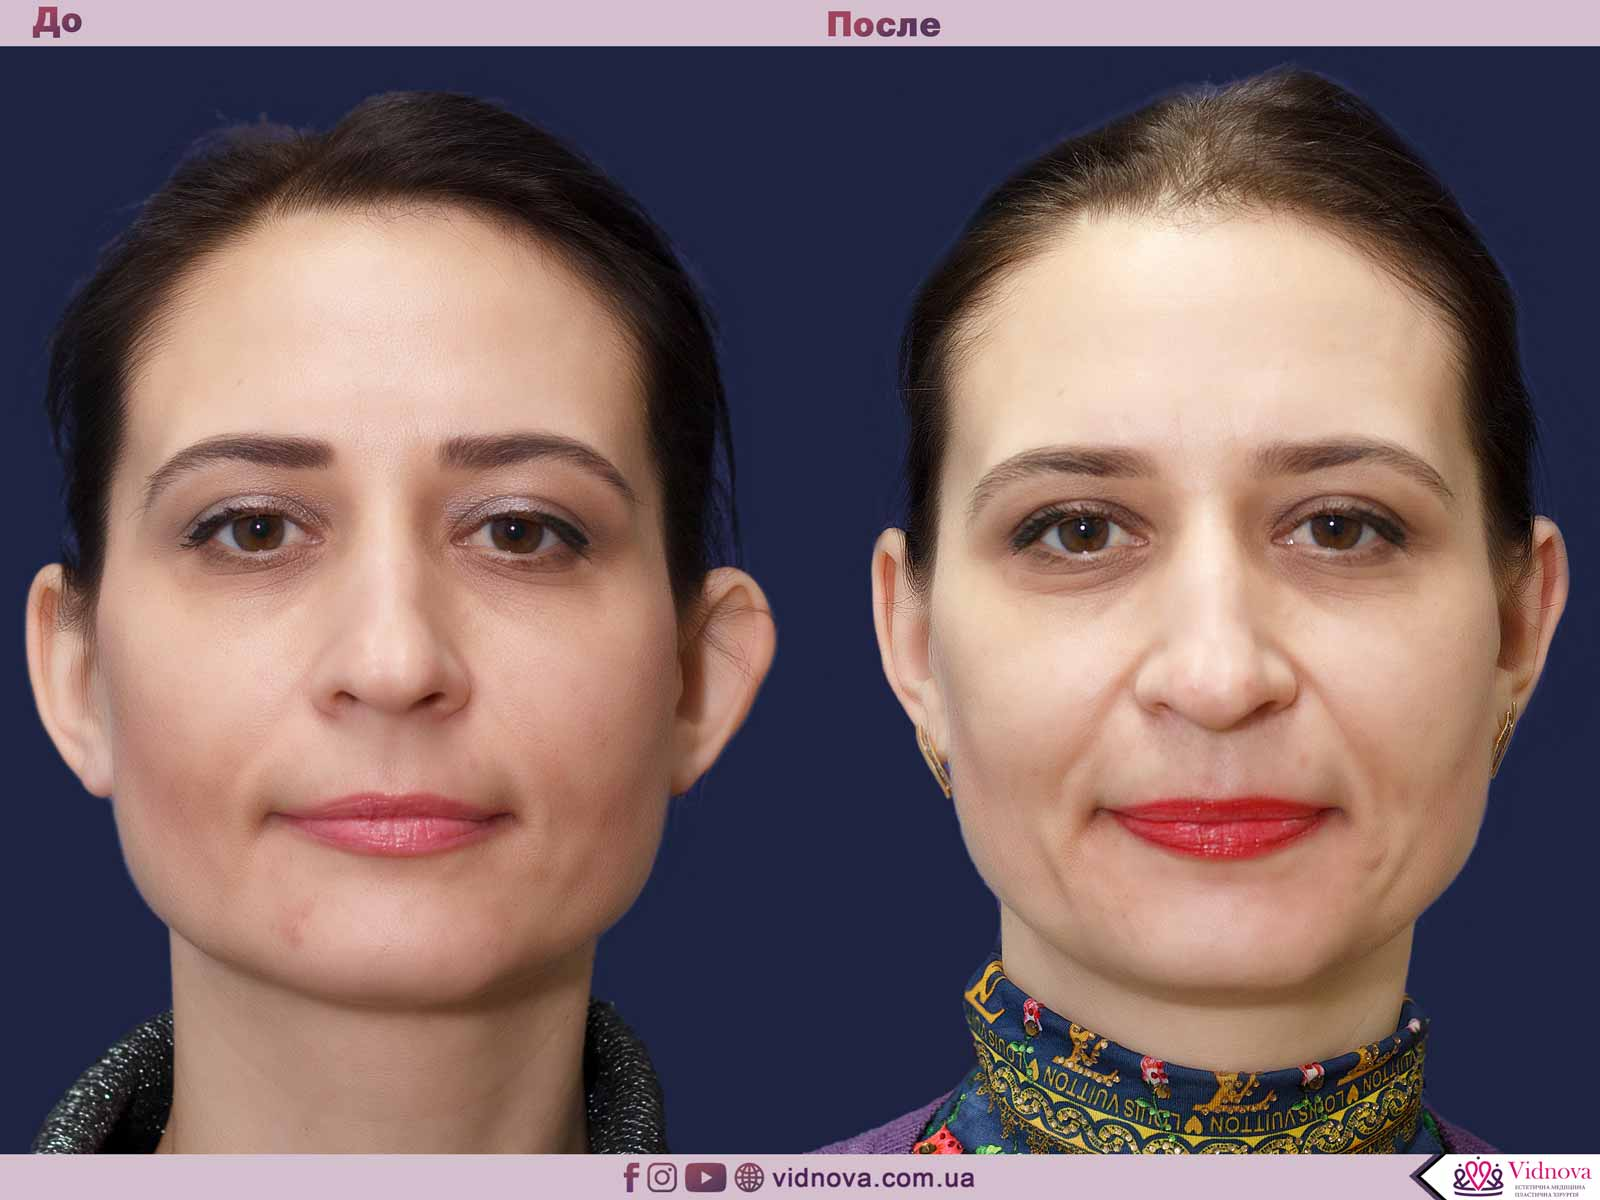 Отопластика: Фото До и После - Пример №9-1 - Клиника Vidnova